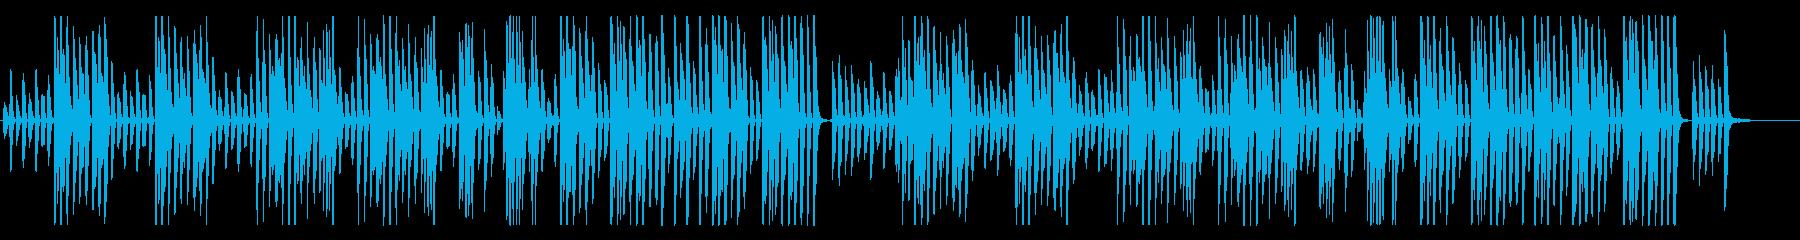 YouTube、料理、かわいい軽快ピアノの再生済みの波形